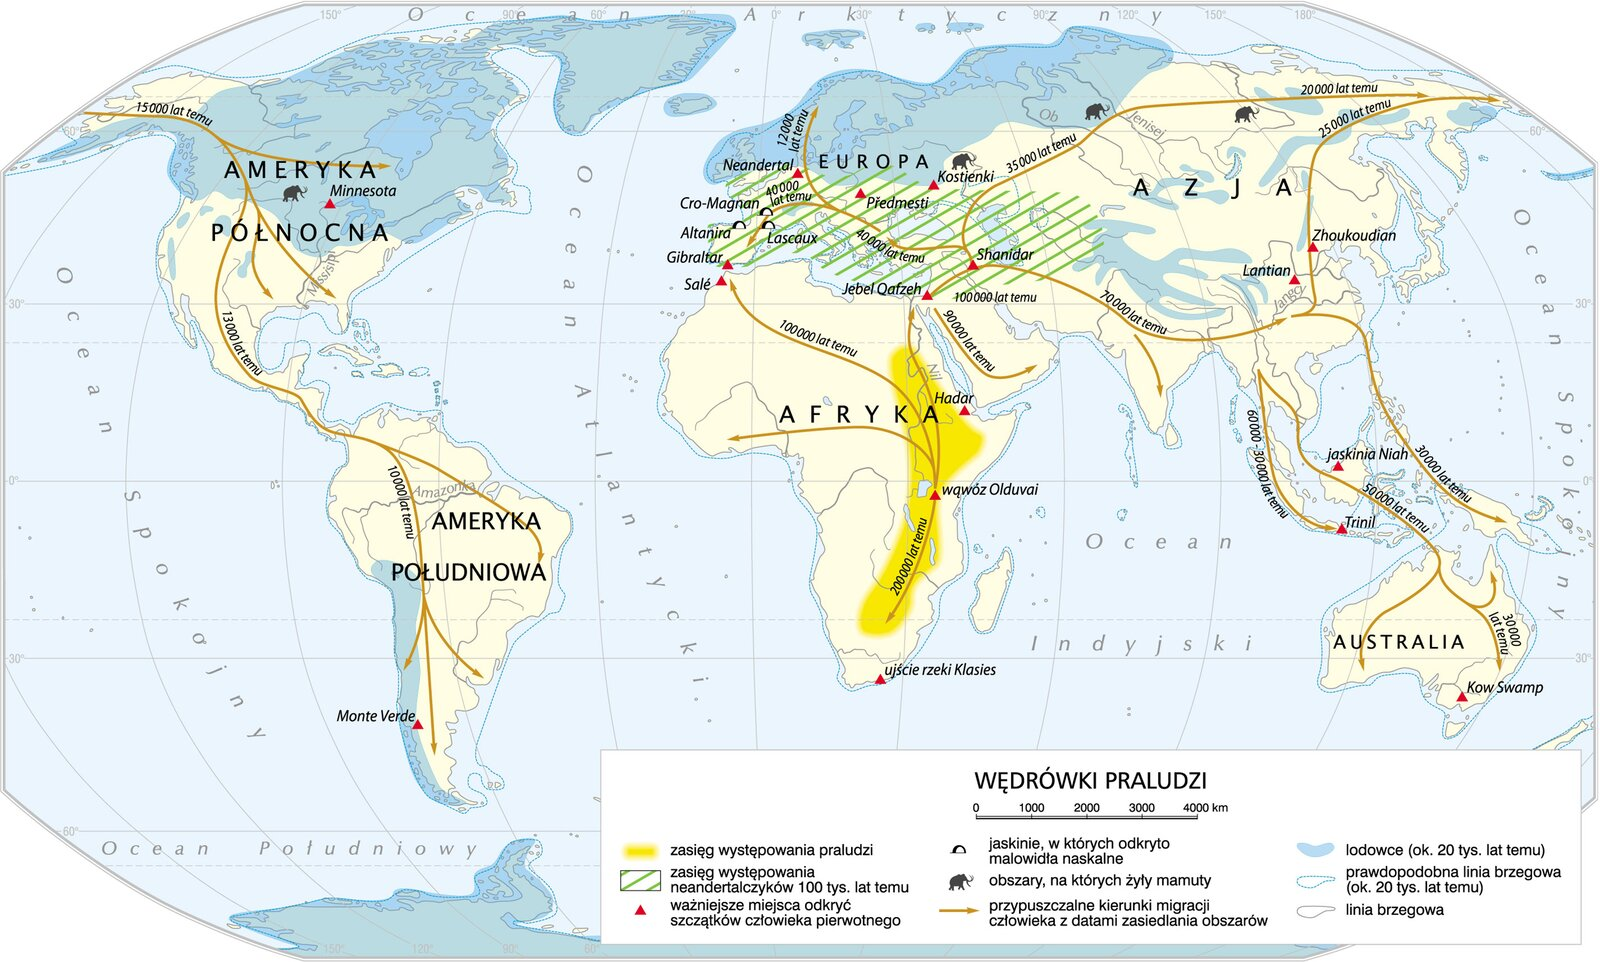 Mapa świata pokazująca jakimi drogami migrowali ludzie zpołudnia Afryki na inne kontynenty